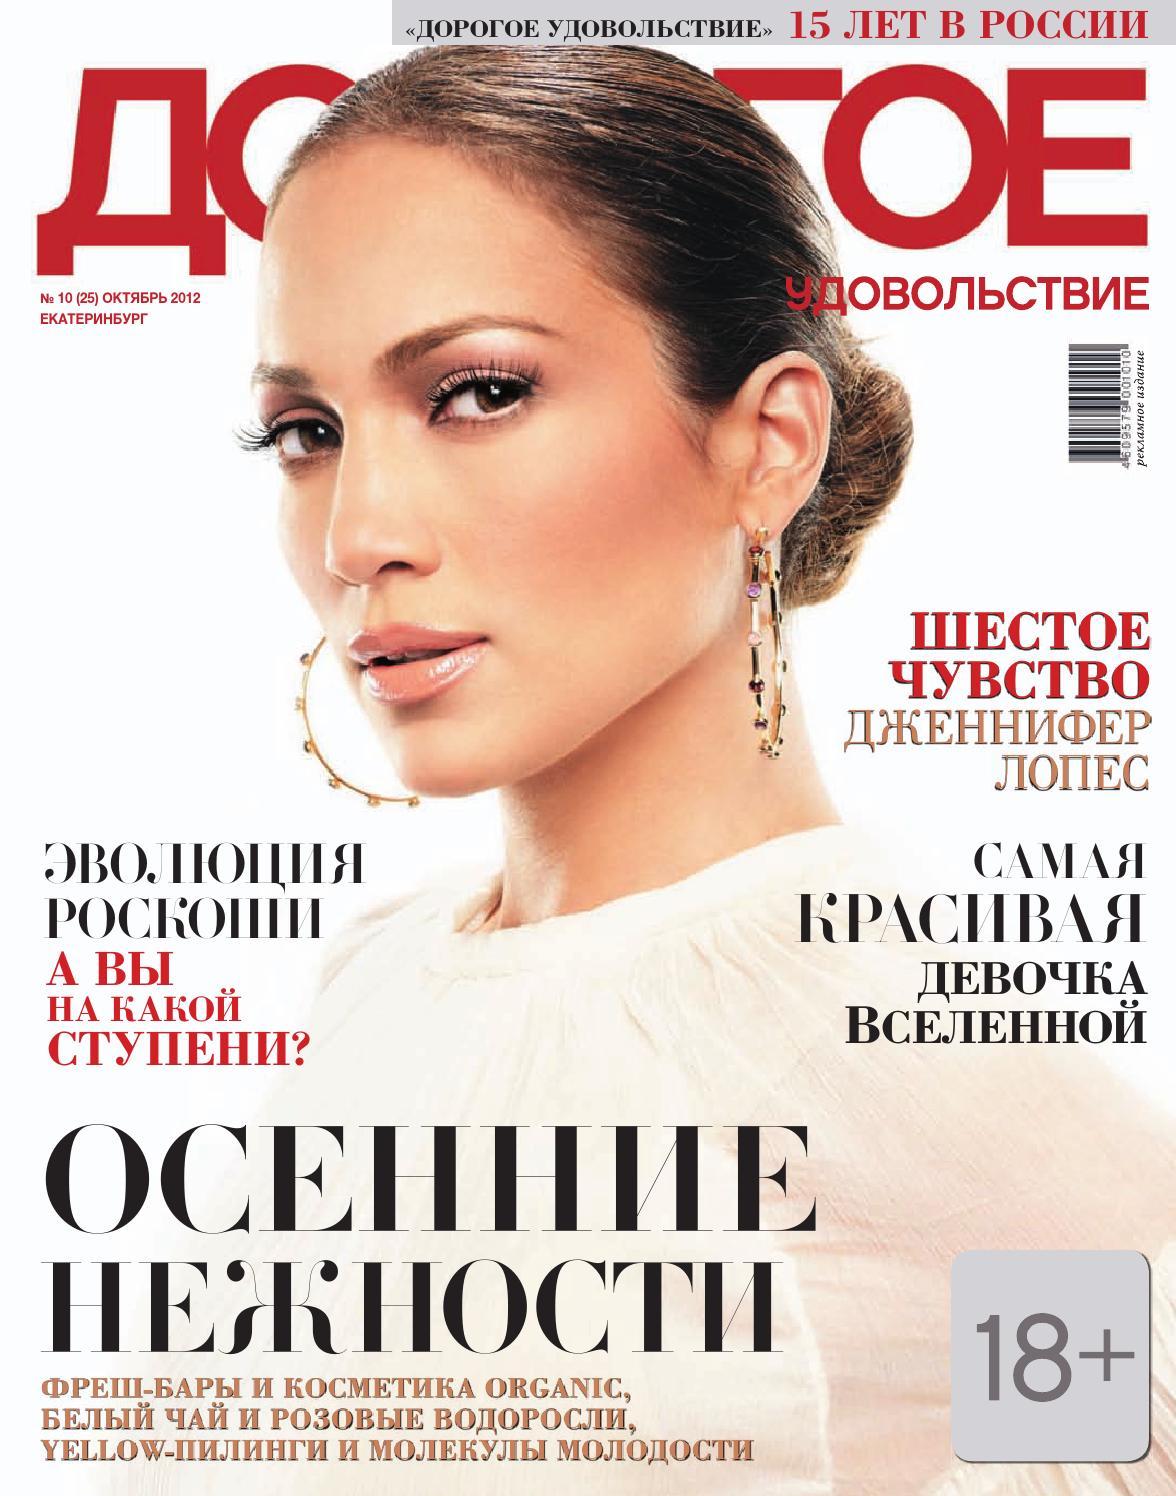 Русскую девочку трясет от оргазма